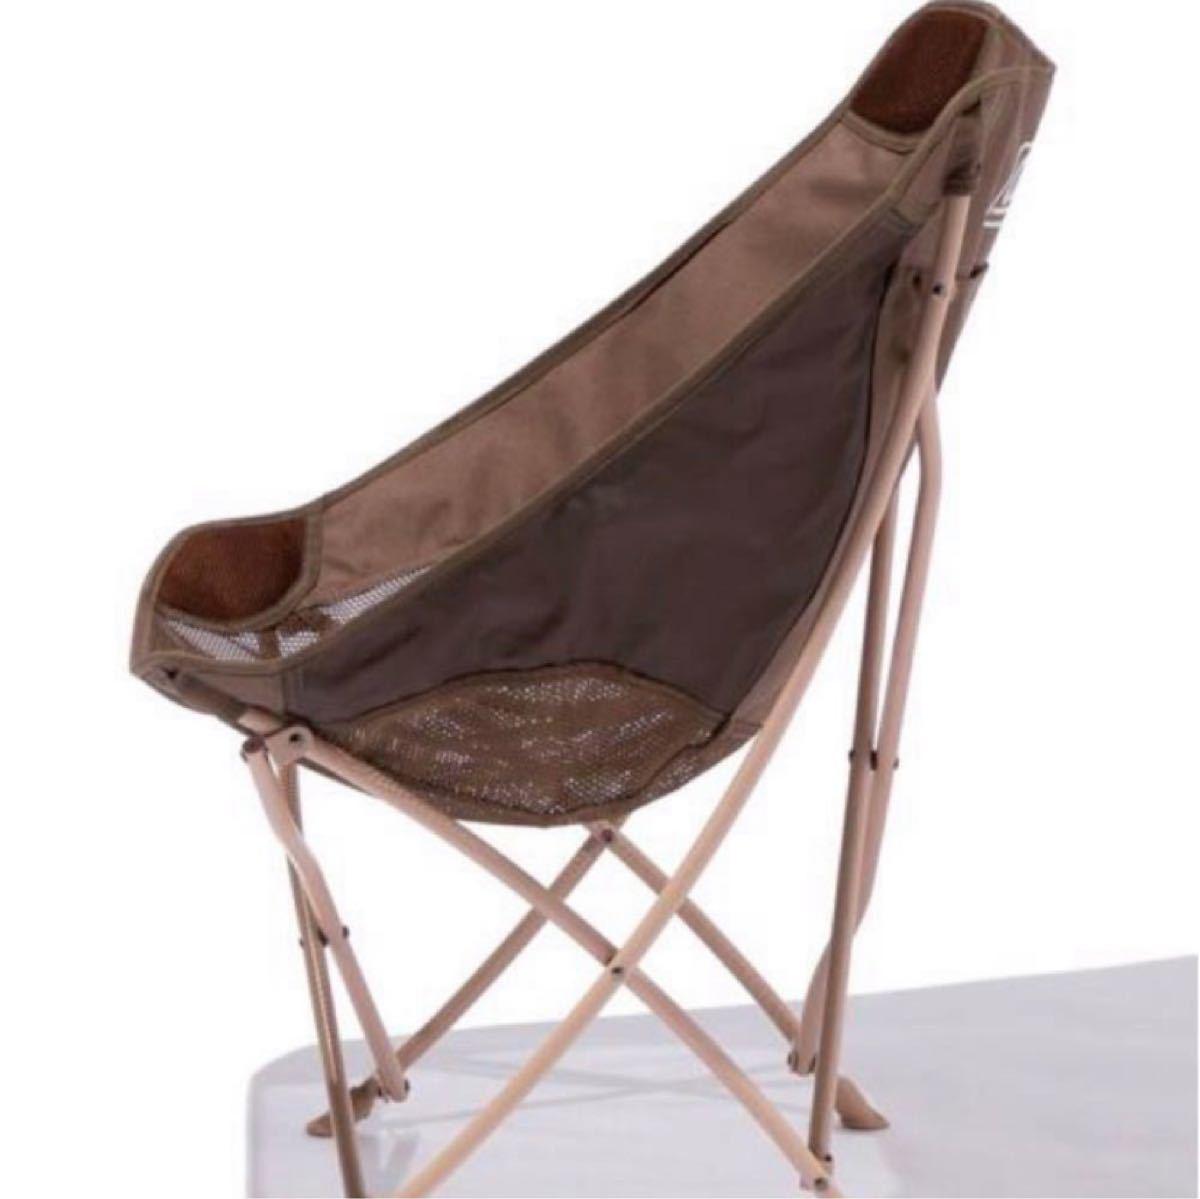 コールマン ヒーリングチェア ユナイテッドアローズ 別注 椅子 イス 新品未使用 キャンプ UNITED ARROWS アウトドア